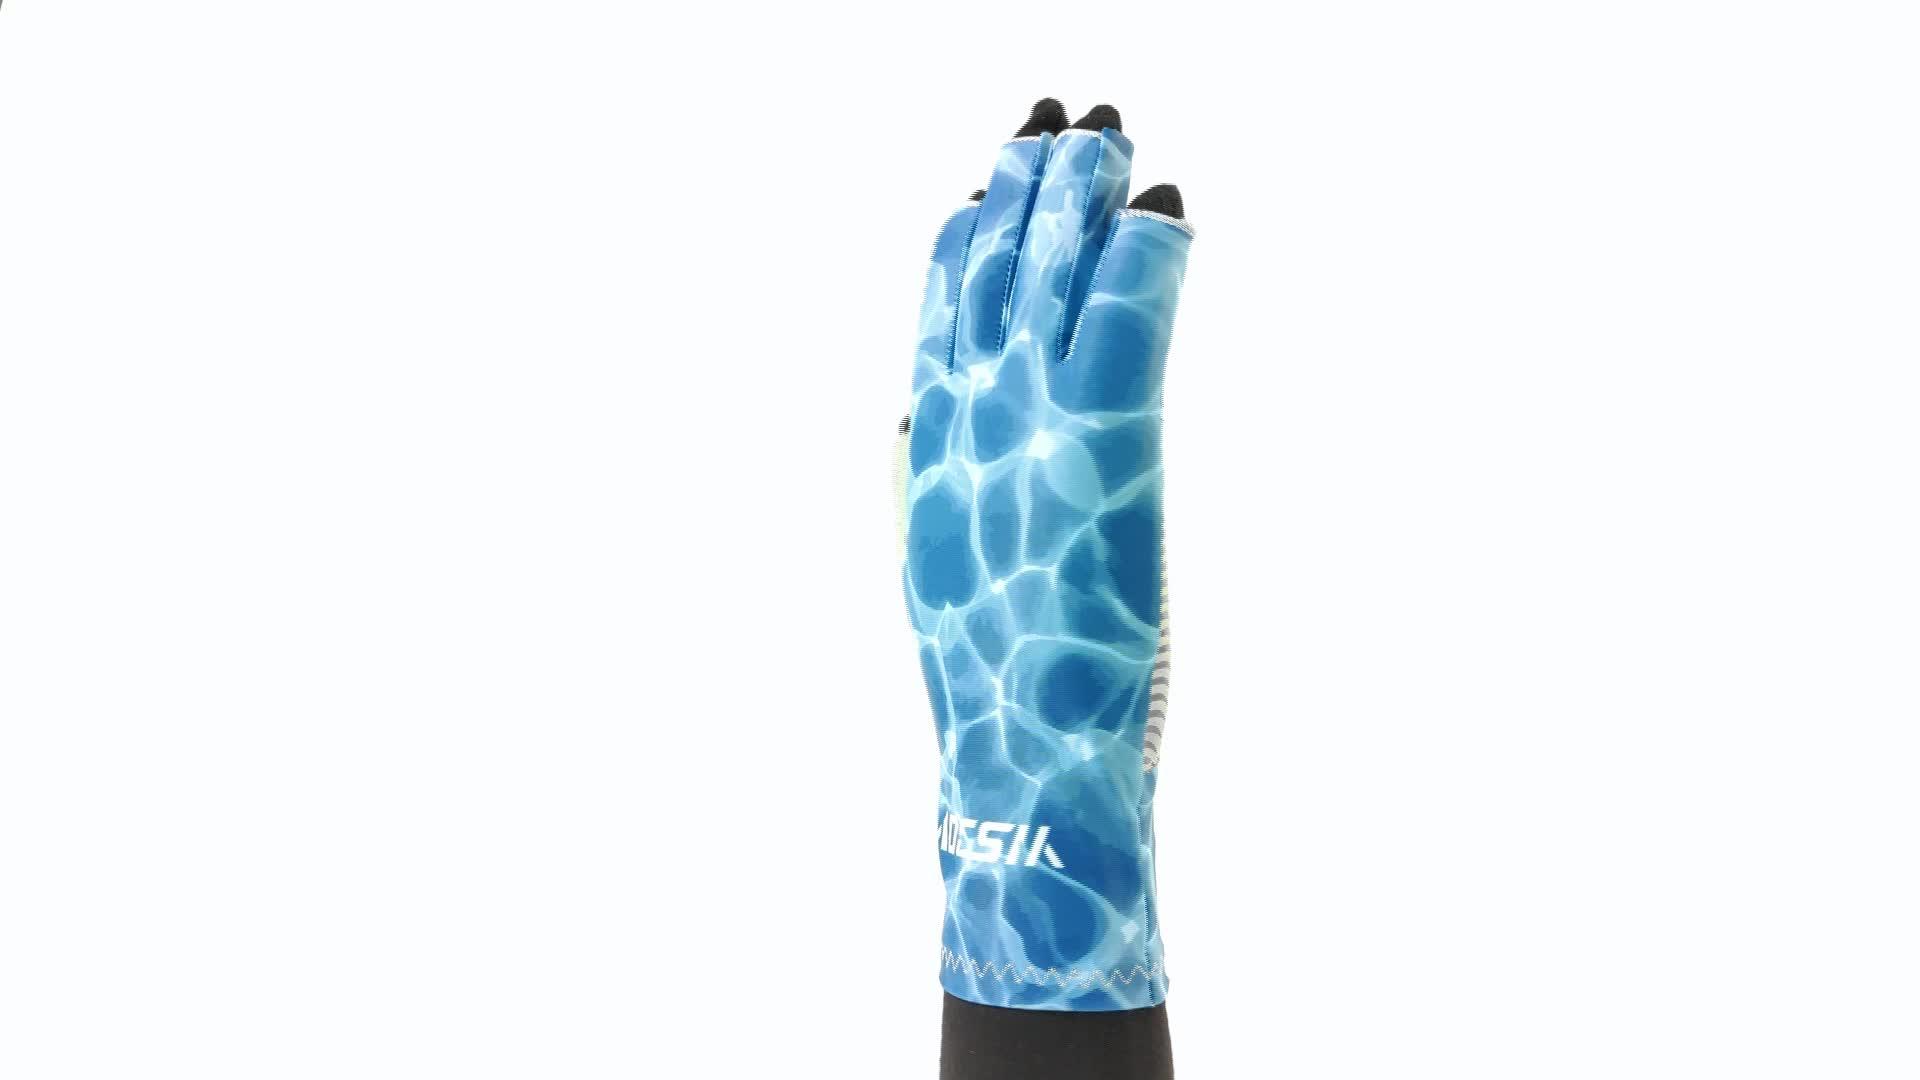 Su ordine all'ingrosso uv guanti di protezione solare upf 50 + senza dita guanti per il kayak da pesca escursionismo escursioni in bicicletta di guida a vela di ripresa